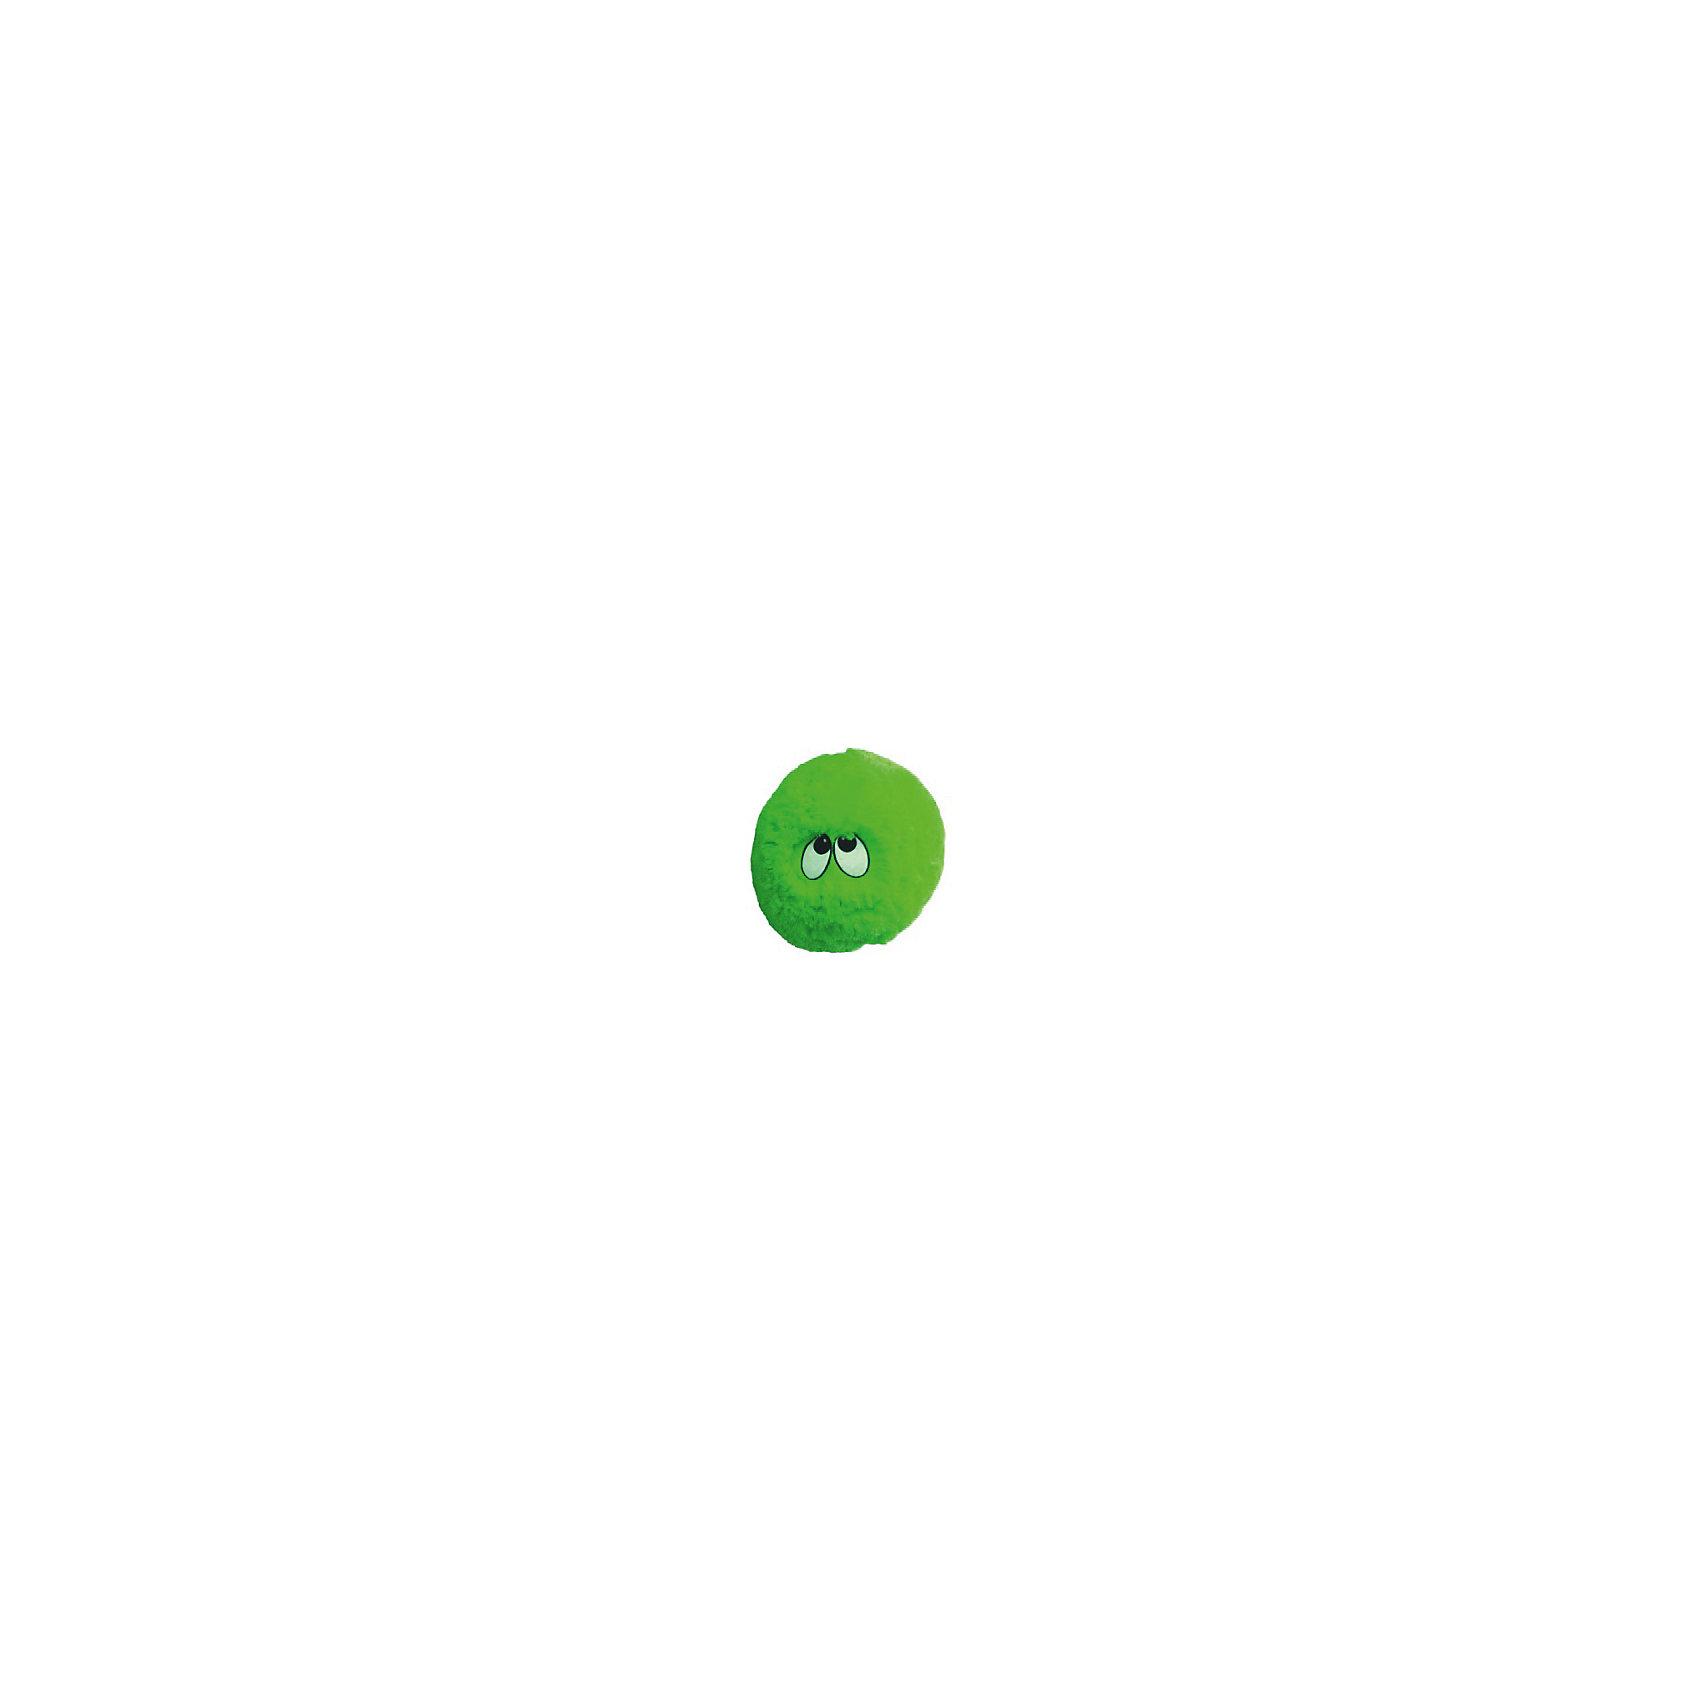 Игрушка Мягкий Камень, Small Toys, салатовыйДомашний текстиль<br>Характеристики:<br><br>• Материал верх: плюш, 100% <br>• Материал наполнитель: полиэстер, 100%<br>• Вес: 740 г<br>• Размеры (Д*Ш*В): 35*35*35 см<br>• Особенности ухода: сухая чистка<br><br>Игрушка Мягкий Камень, Small Toys, зеленый выполнена из плюша с ворсом средней длины. Представляет собой форму шара-камня с большими выразительными глазками. У игрушки отсутствуют пластиковые элементы, за счет чего она безопасна даже для самых маленьких детей.<br><br>Игрушку Мягкий Камень, Small Toys, зеленый можно купить в нашем интернет-магазине.<br><br>Ширина мм: 35<br>Глубина мм: 35<br>Высота мм: 35<br>Вес г: 740<br>Возраст от месяцев: 36<br>Возраст до месяцев: 1188<br>Пол: Унисекс<br>Возраст: Детский<br>SKU: 6727939